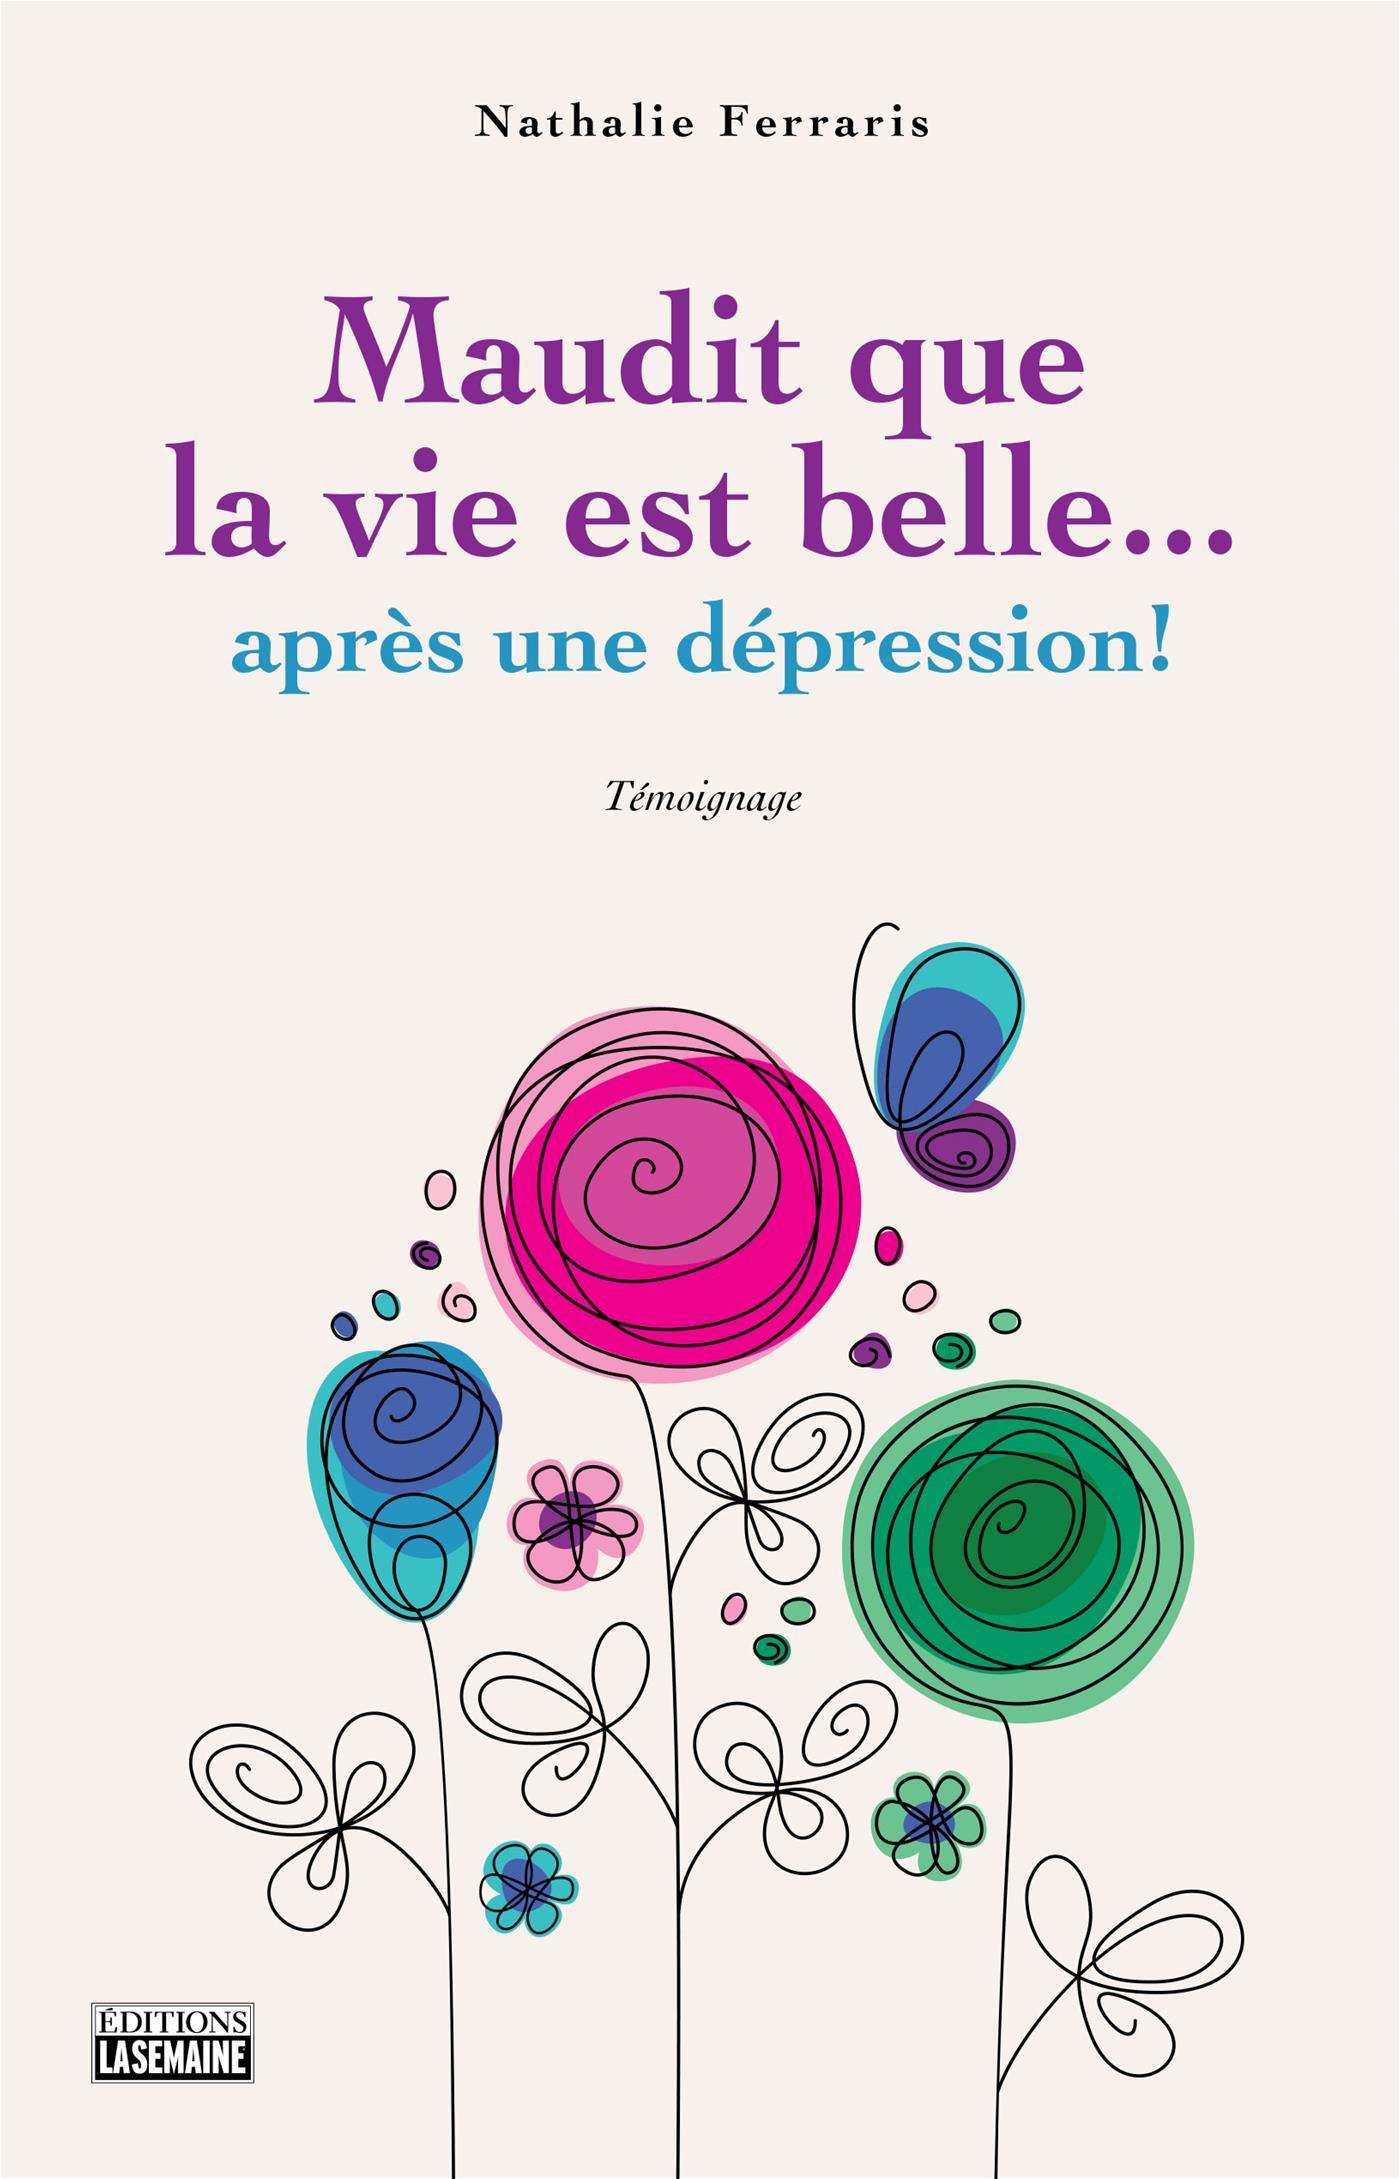 Maudit que la vie est belle... après une dépression!